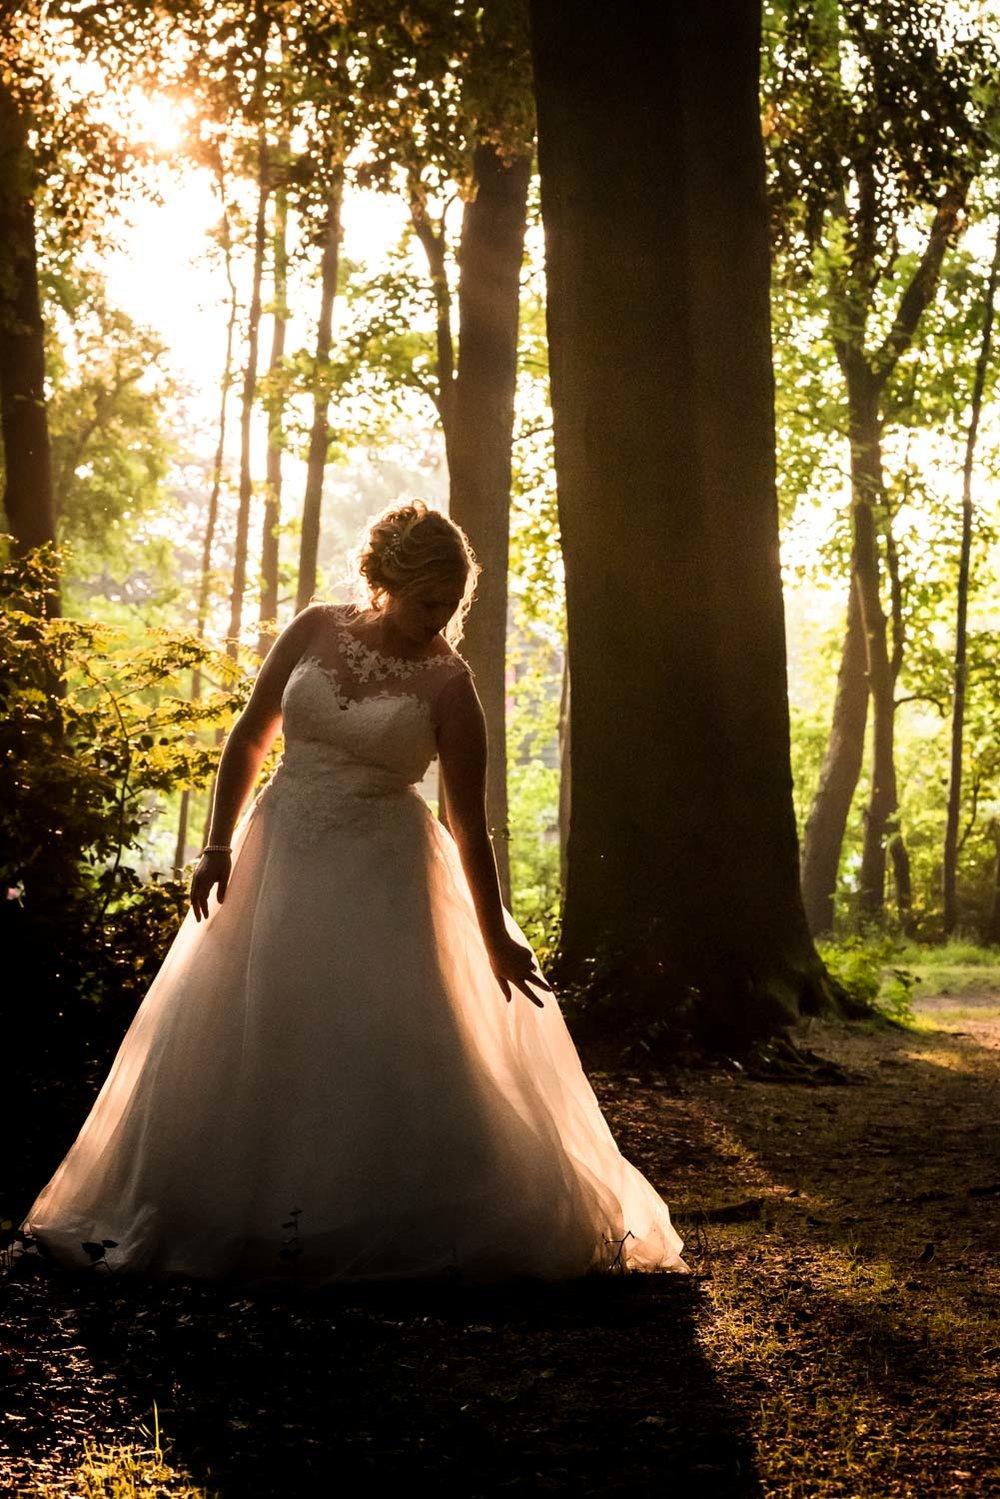 bruid in het avondlicht met prachtige bomen.